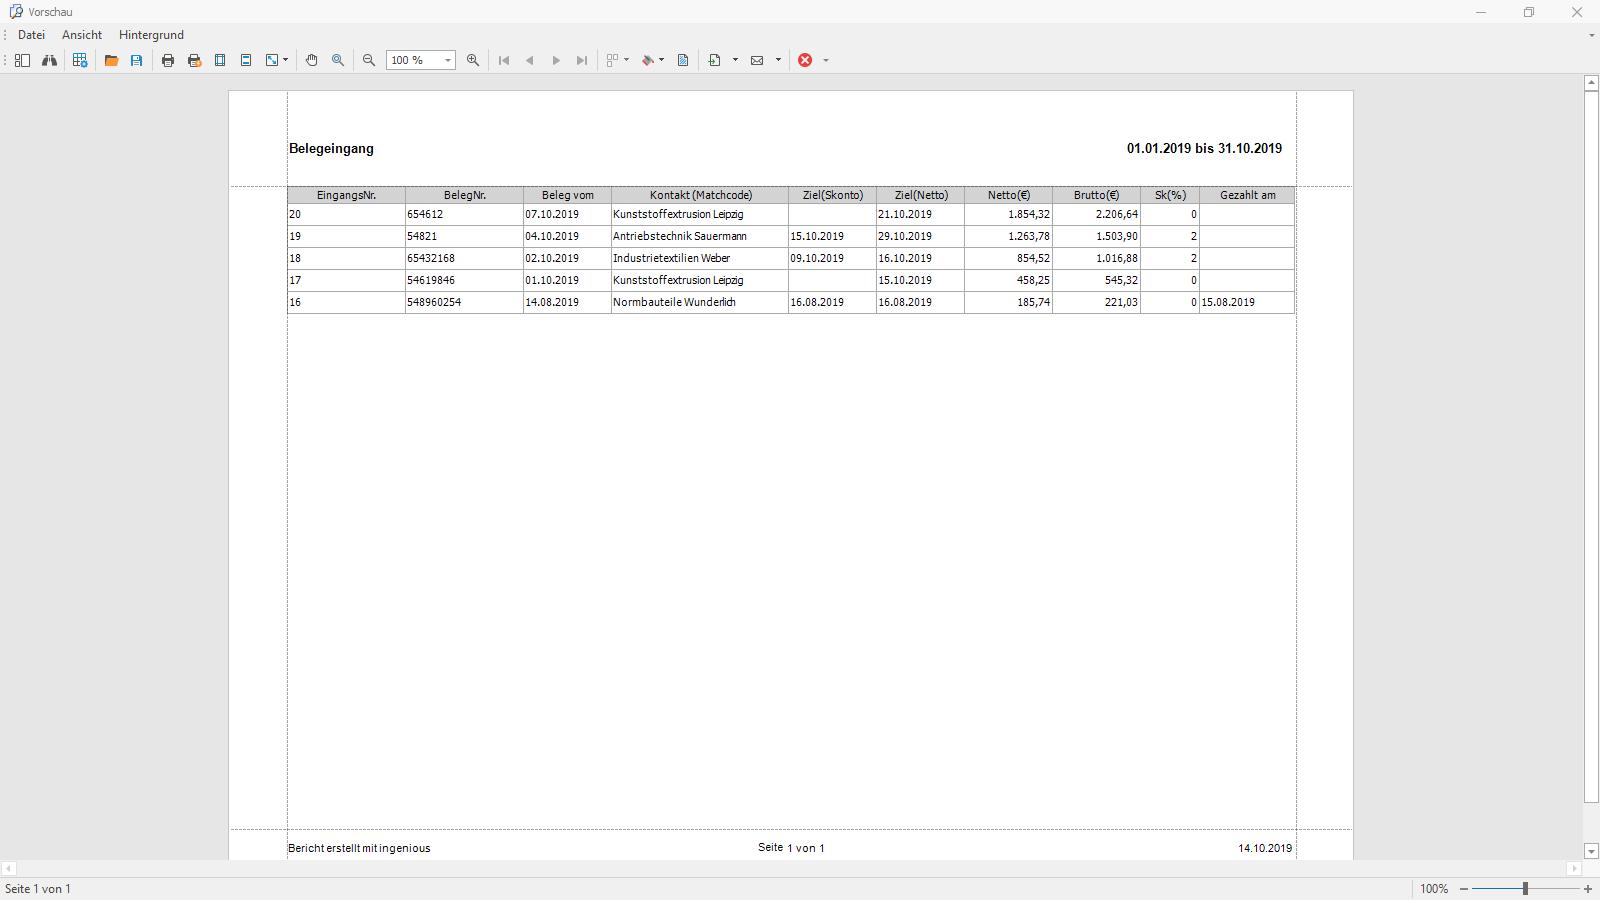 Ingenious Software Belegeingang Rechnungseingangsbuch Ausdruck